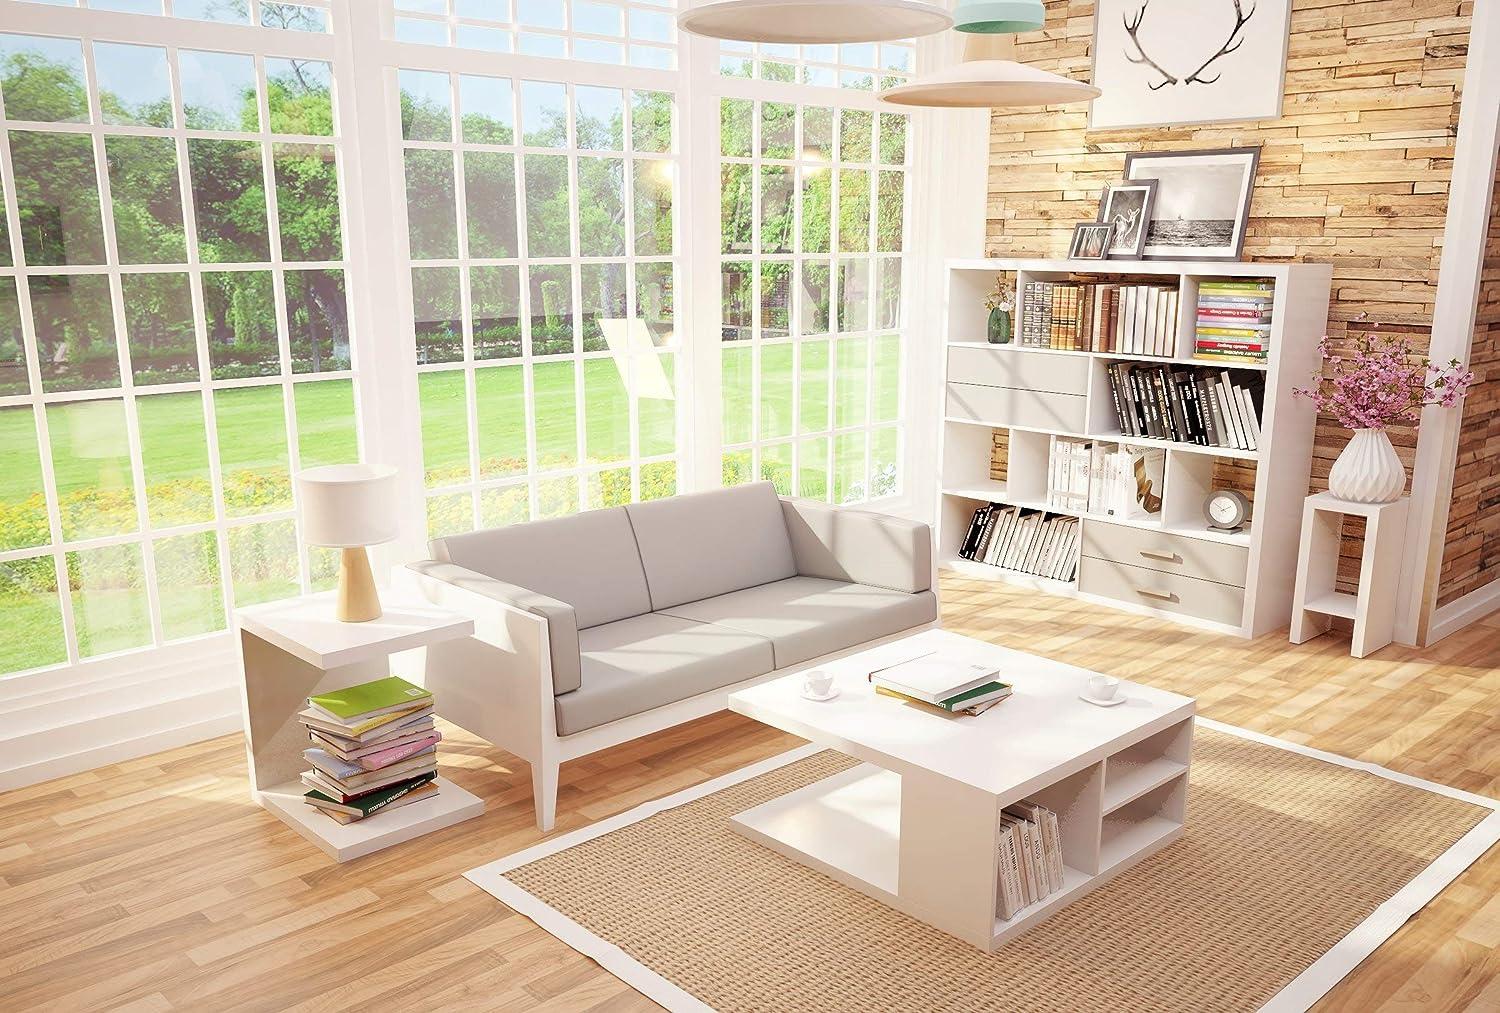 Bianco 80 x 80 x 40 cm Tavolino da Salotto con 4 cassetti e Ruote in Legno Phoenix Solina